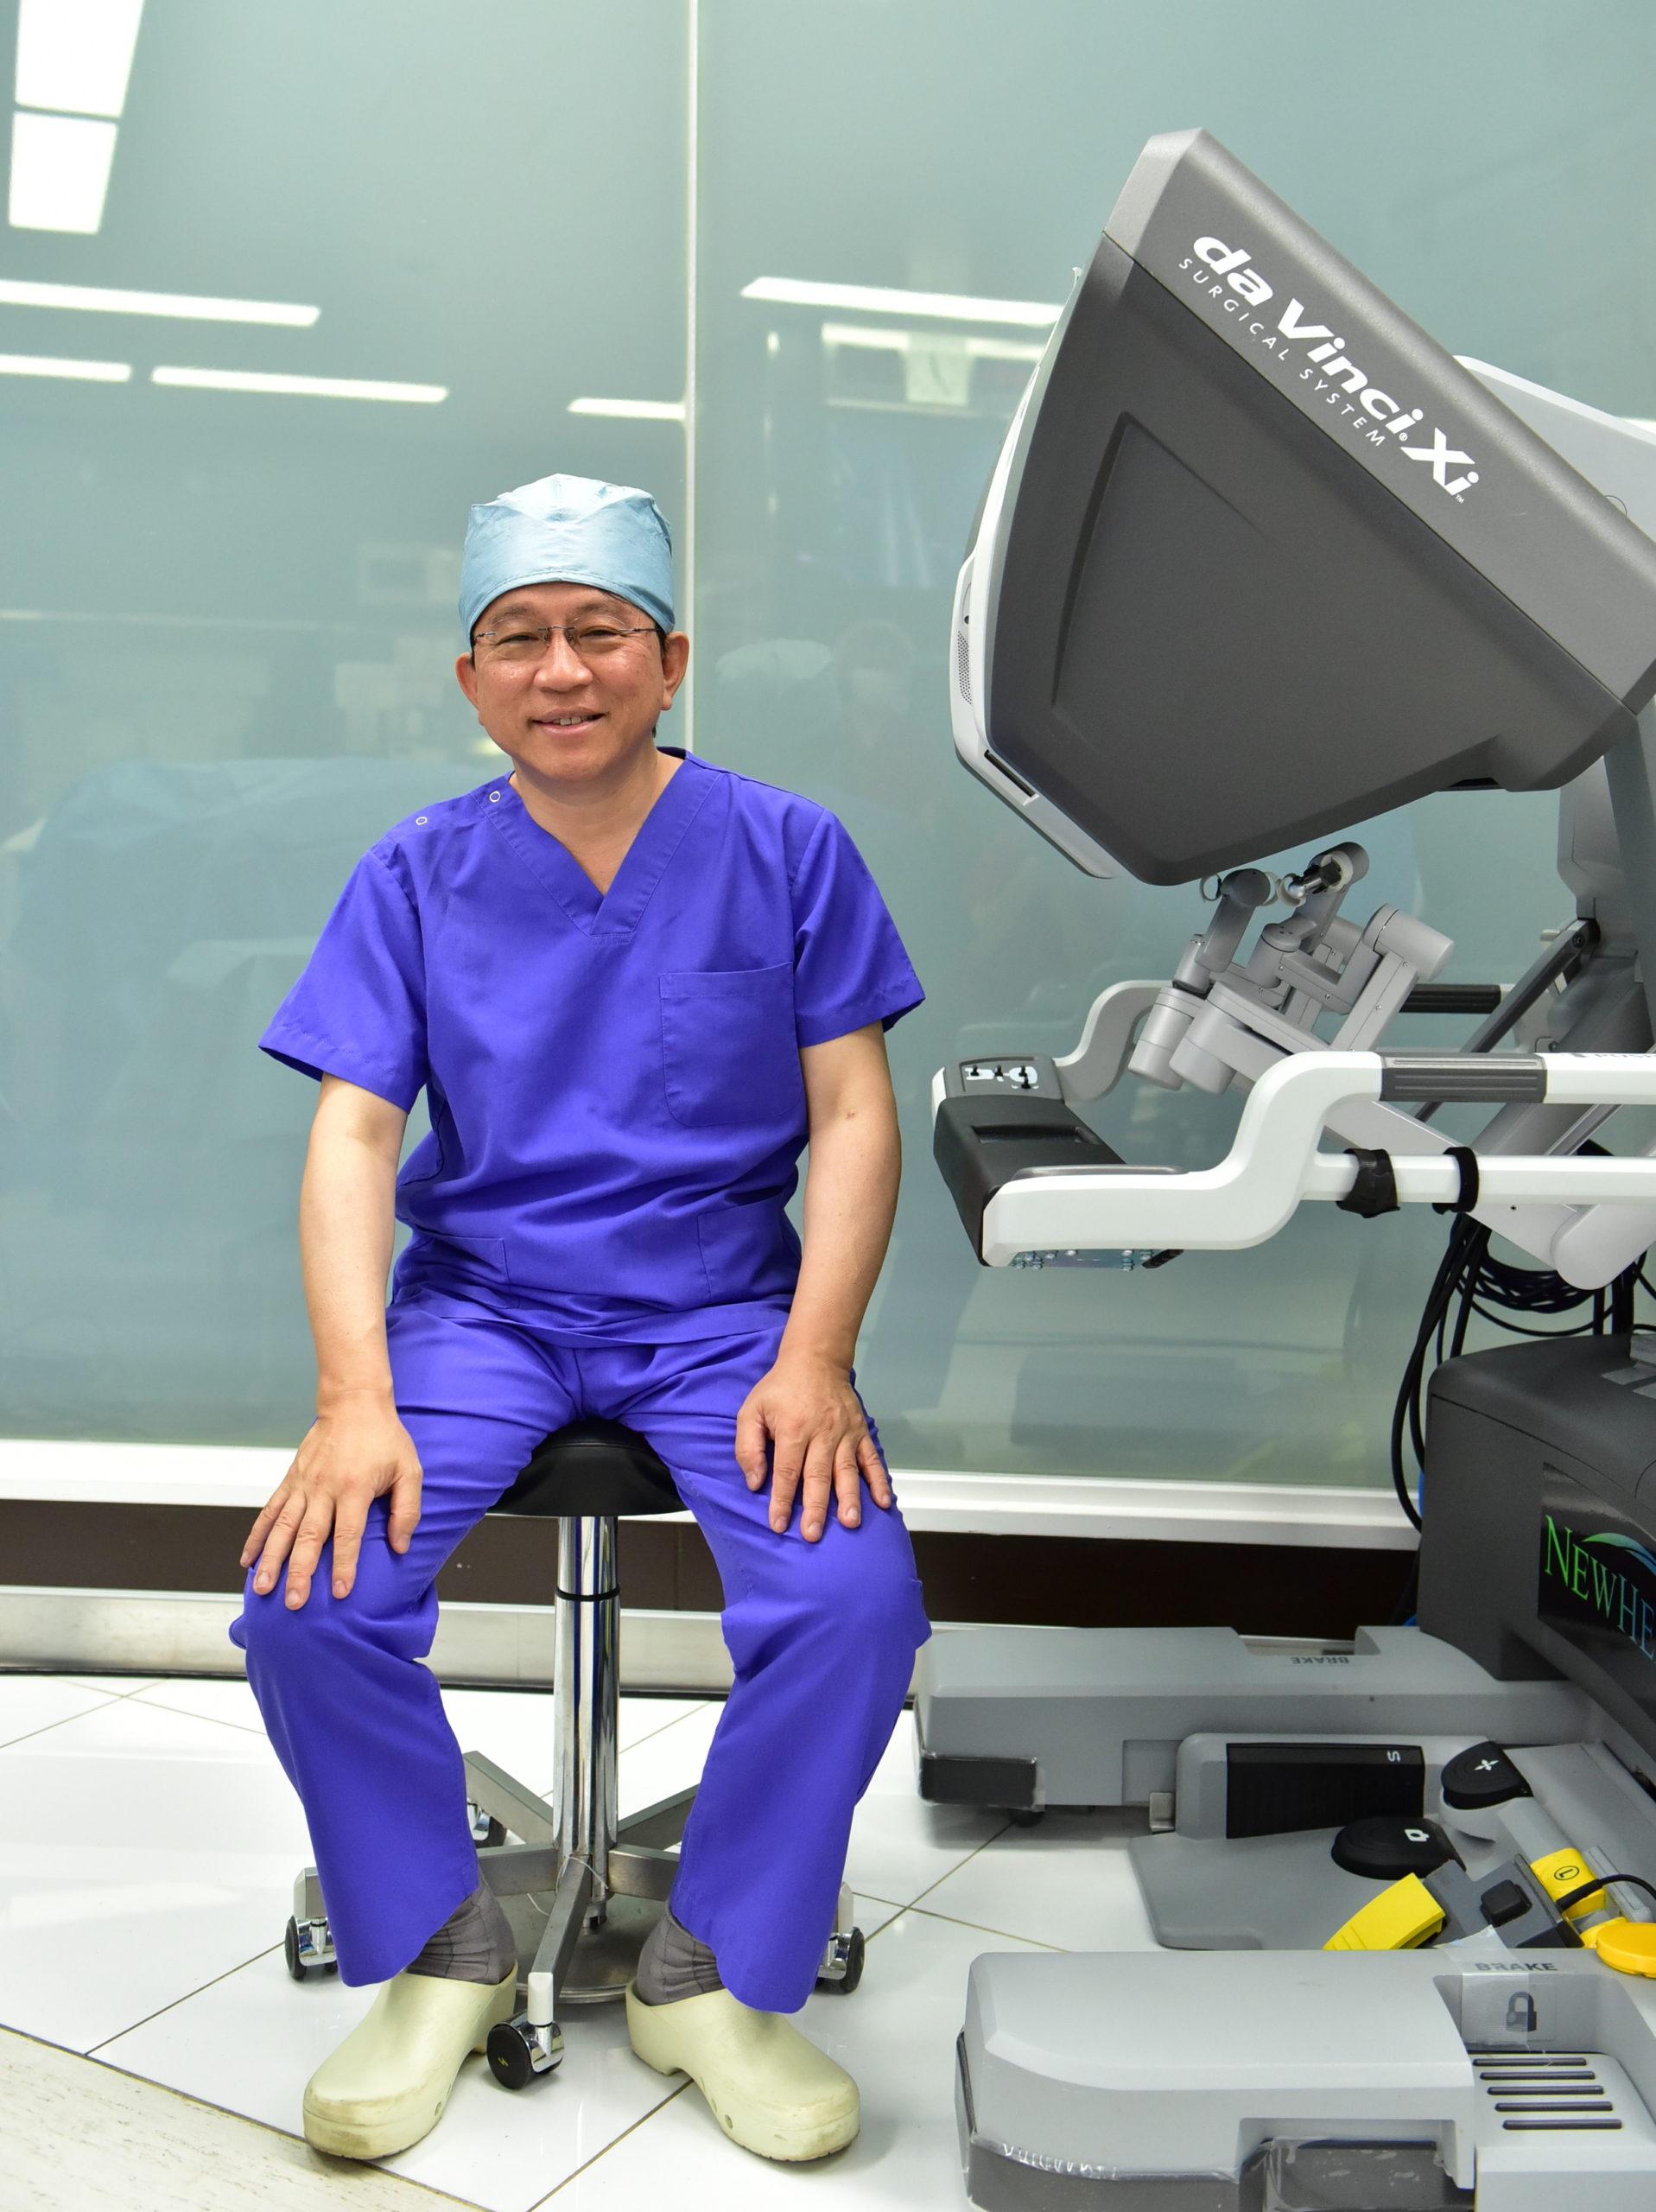 ニューハート・ワタナベ国際病院 院長 渡邊剛